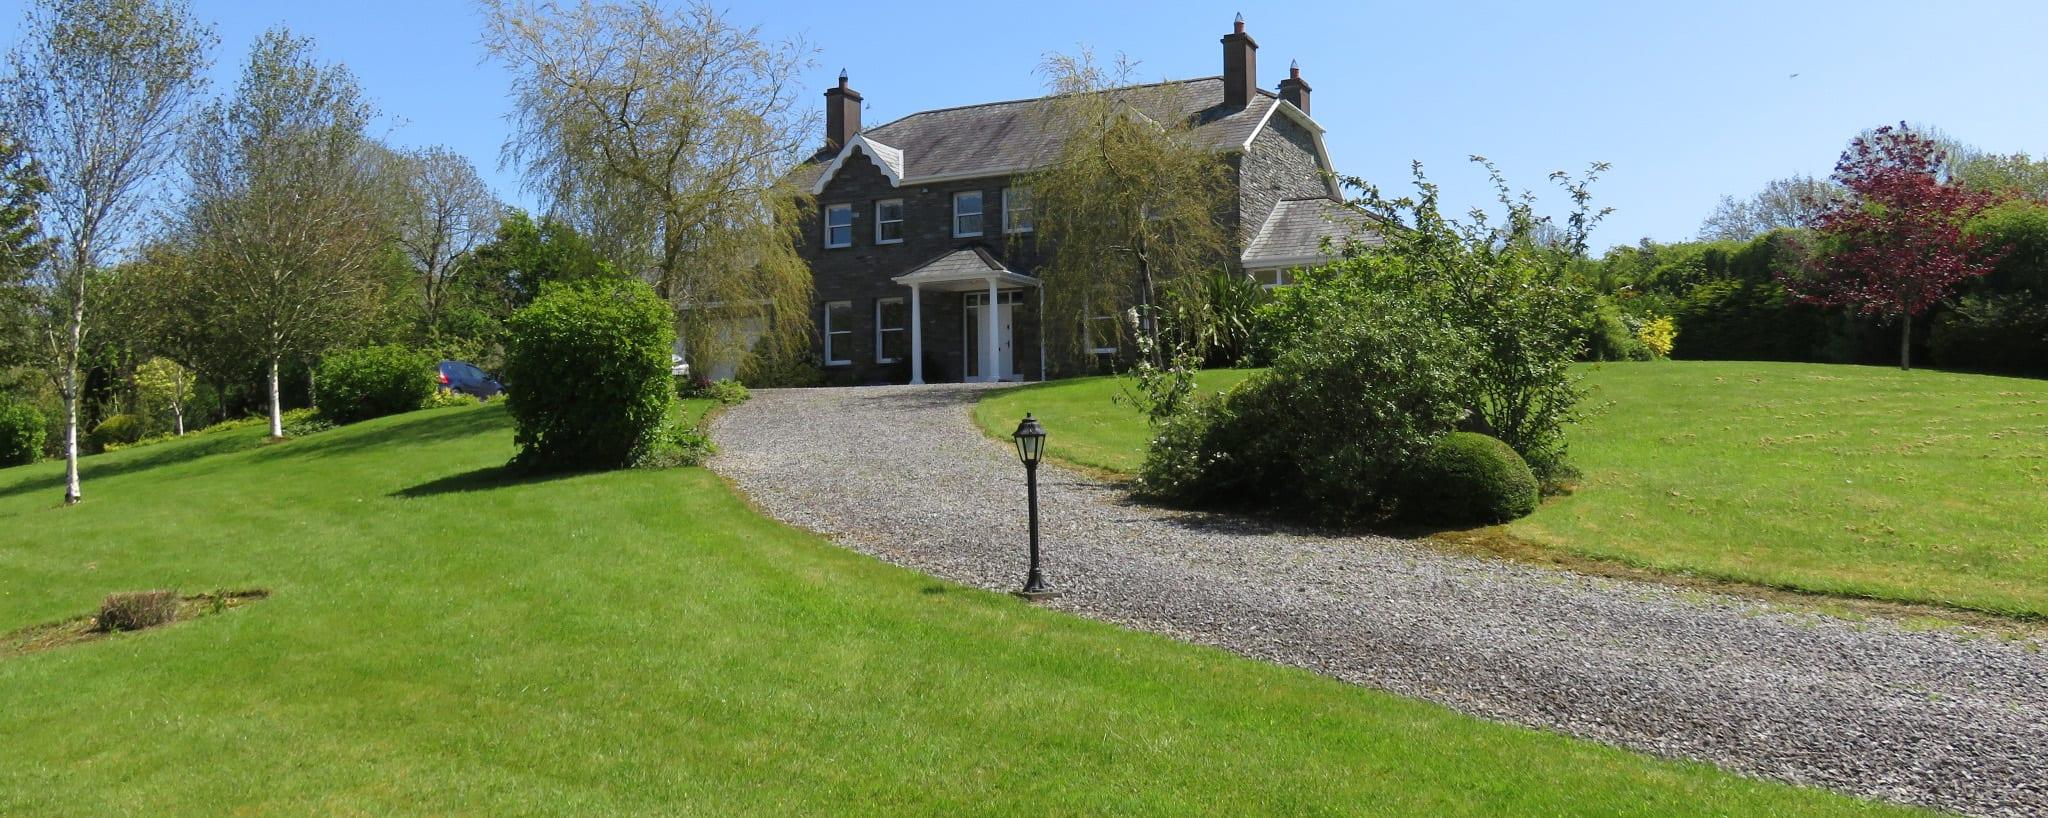 Argideen House